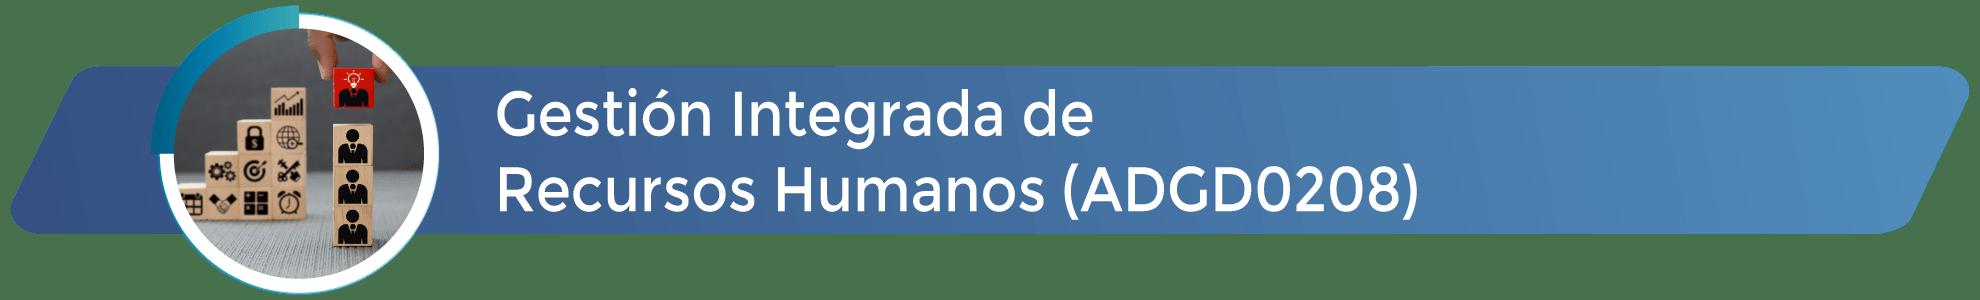 ADGD0208 - Gestión Integrada de Recursos Humanos